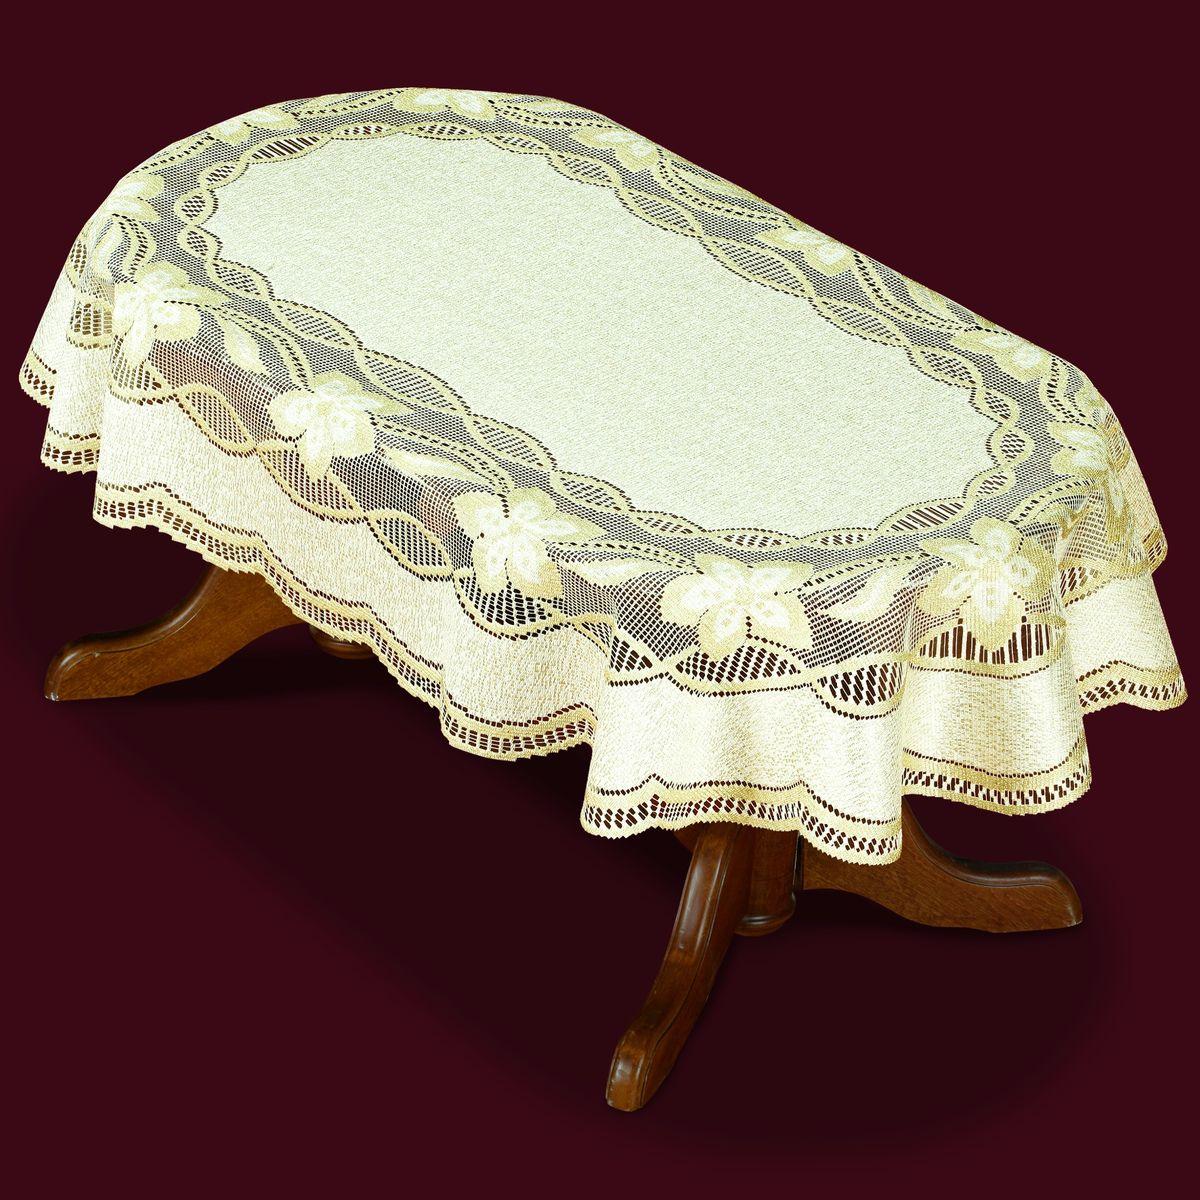 Скатерть Haft, овальная, цвет: кремовый, золотистый, 130  x 180 см. 42951-130 скатерть овальная 220х150см цвет бежевый